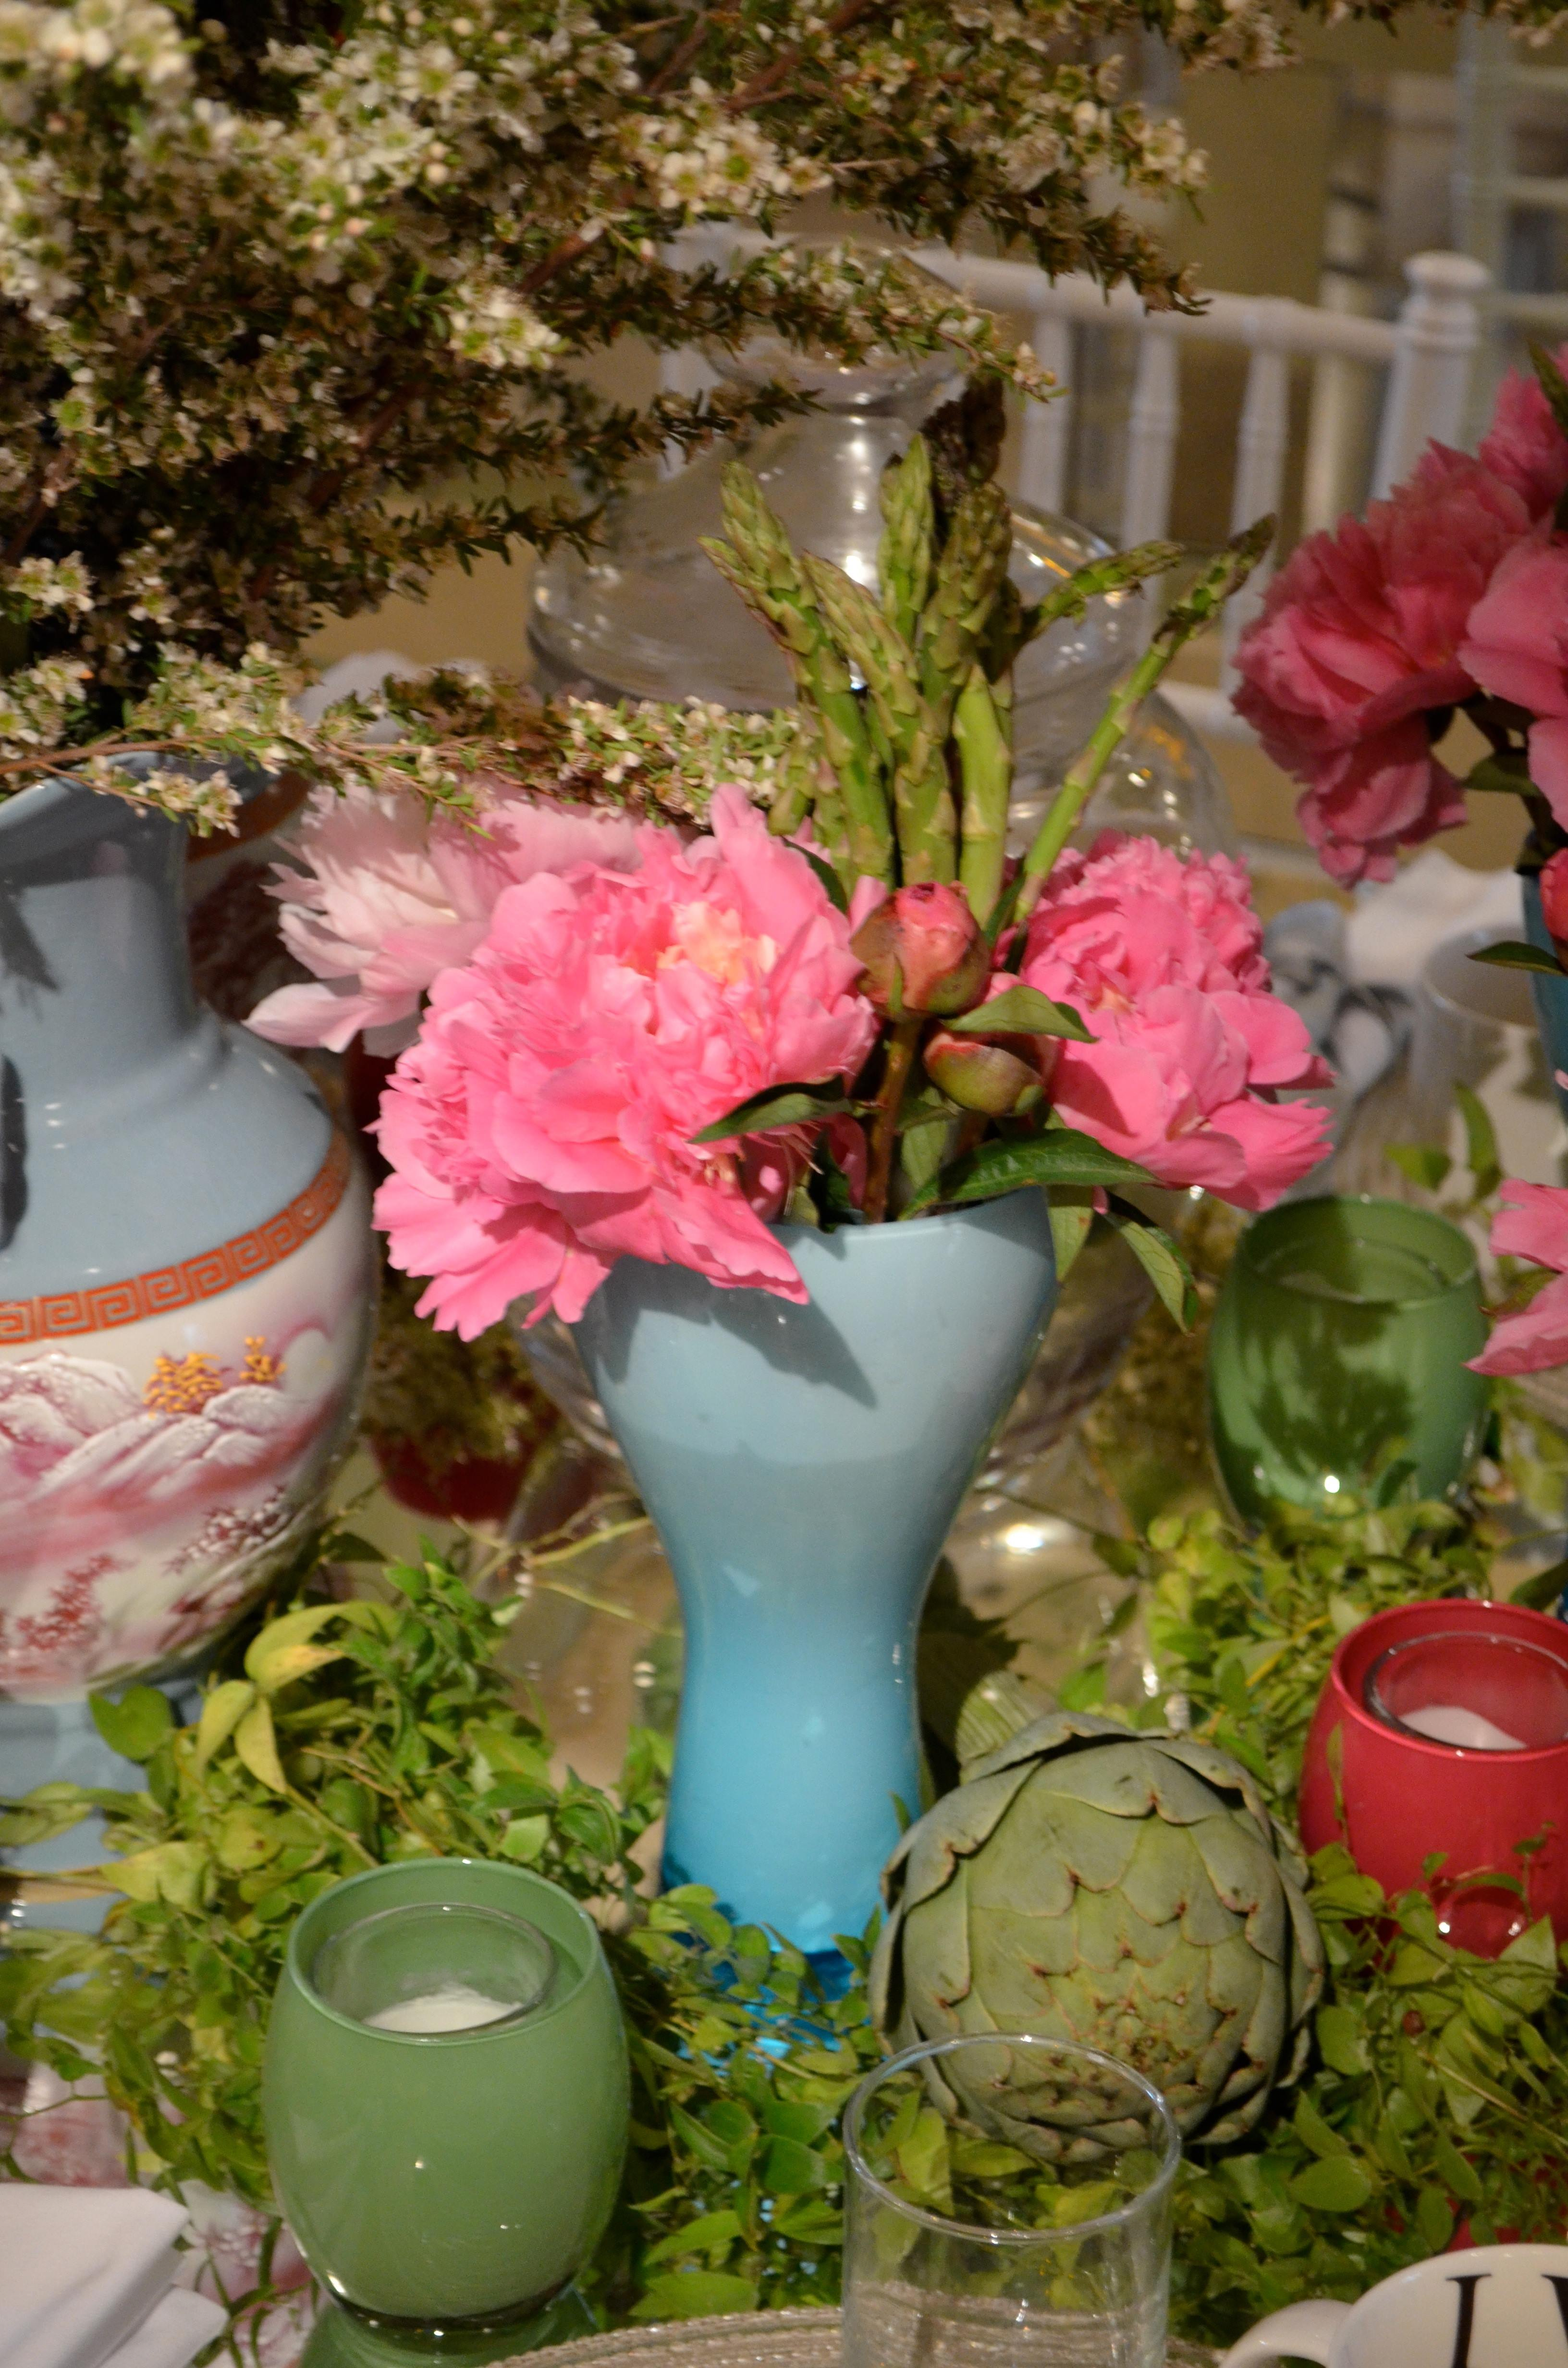 centros de mesa originales y arreglos de mesa para bodas On centros de mesa originales